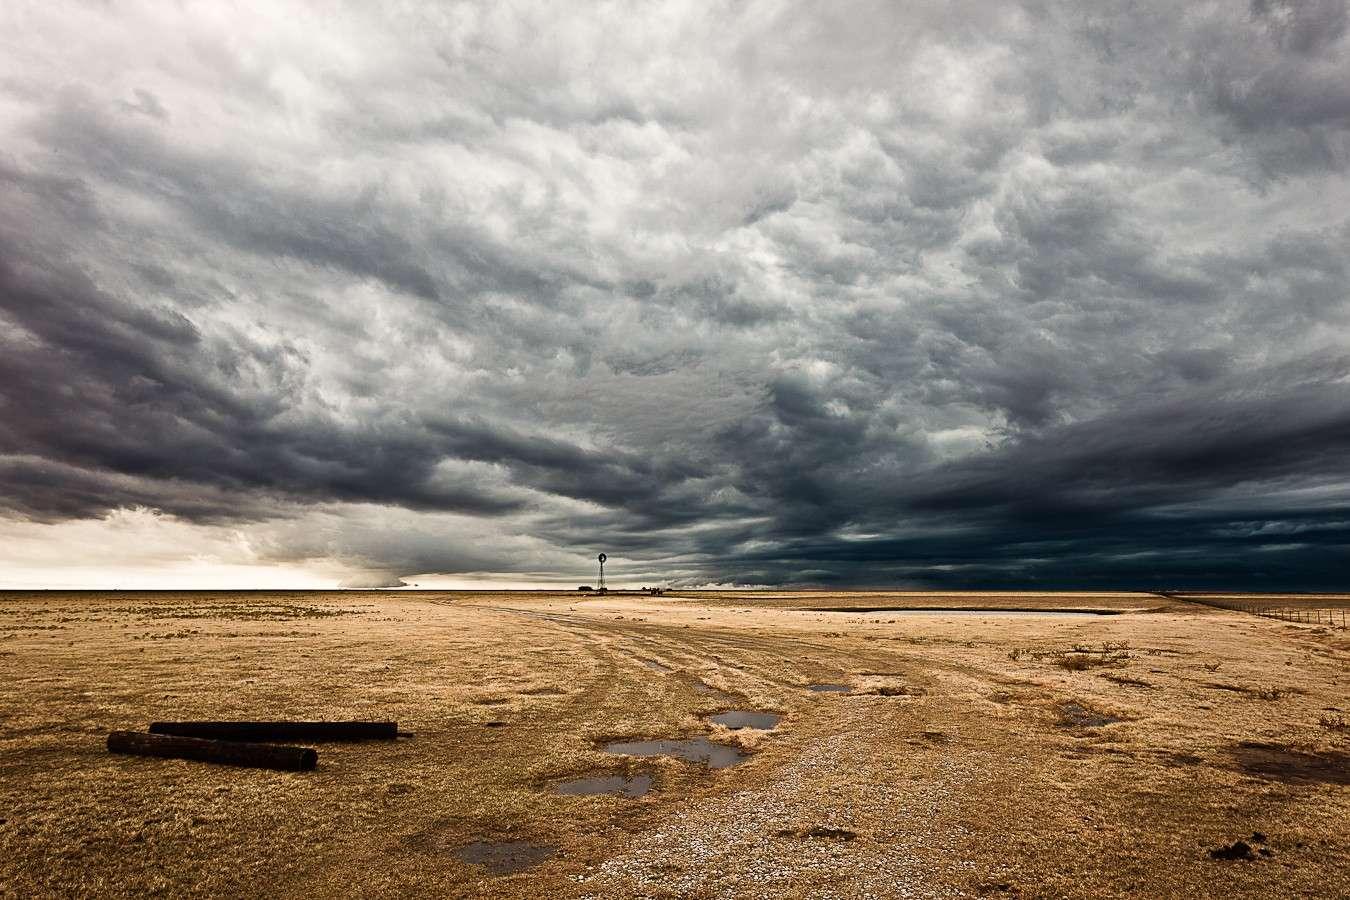 Foto Te Vecanta - Faqe 3 Storm_10